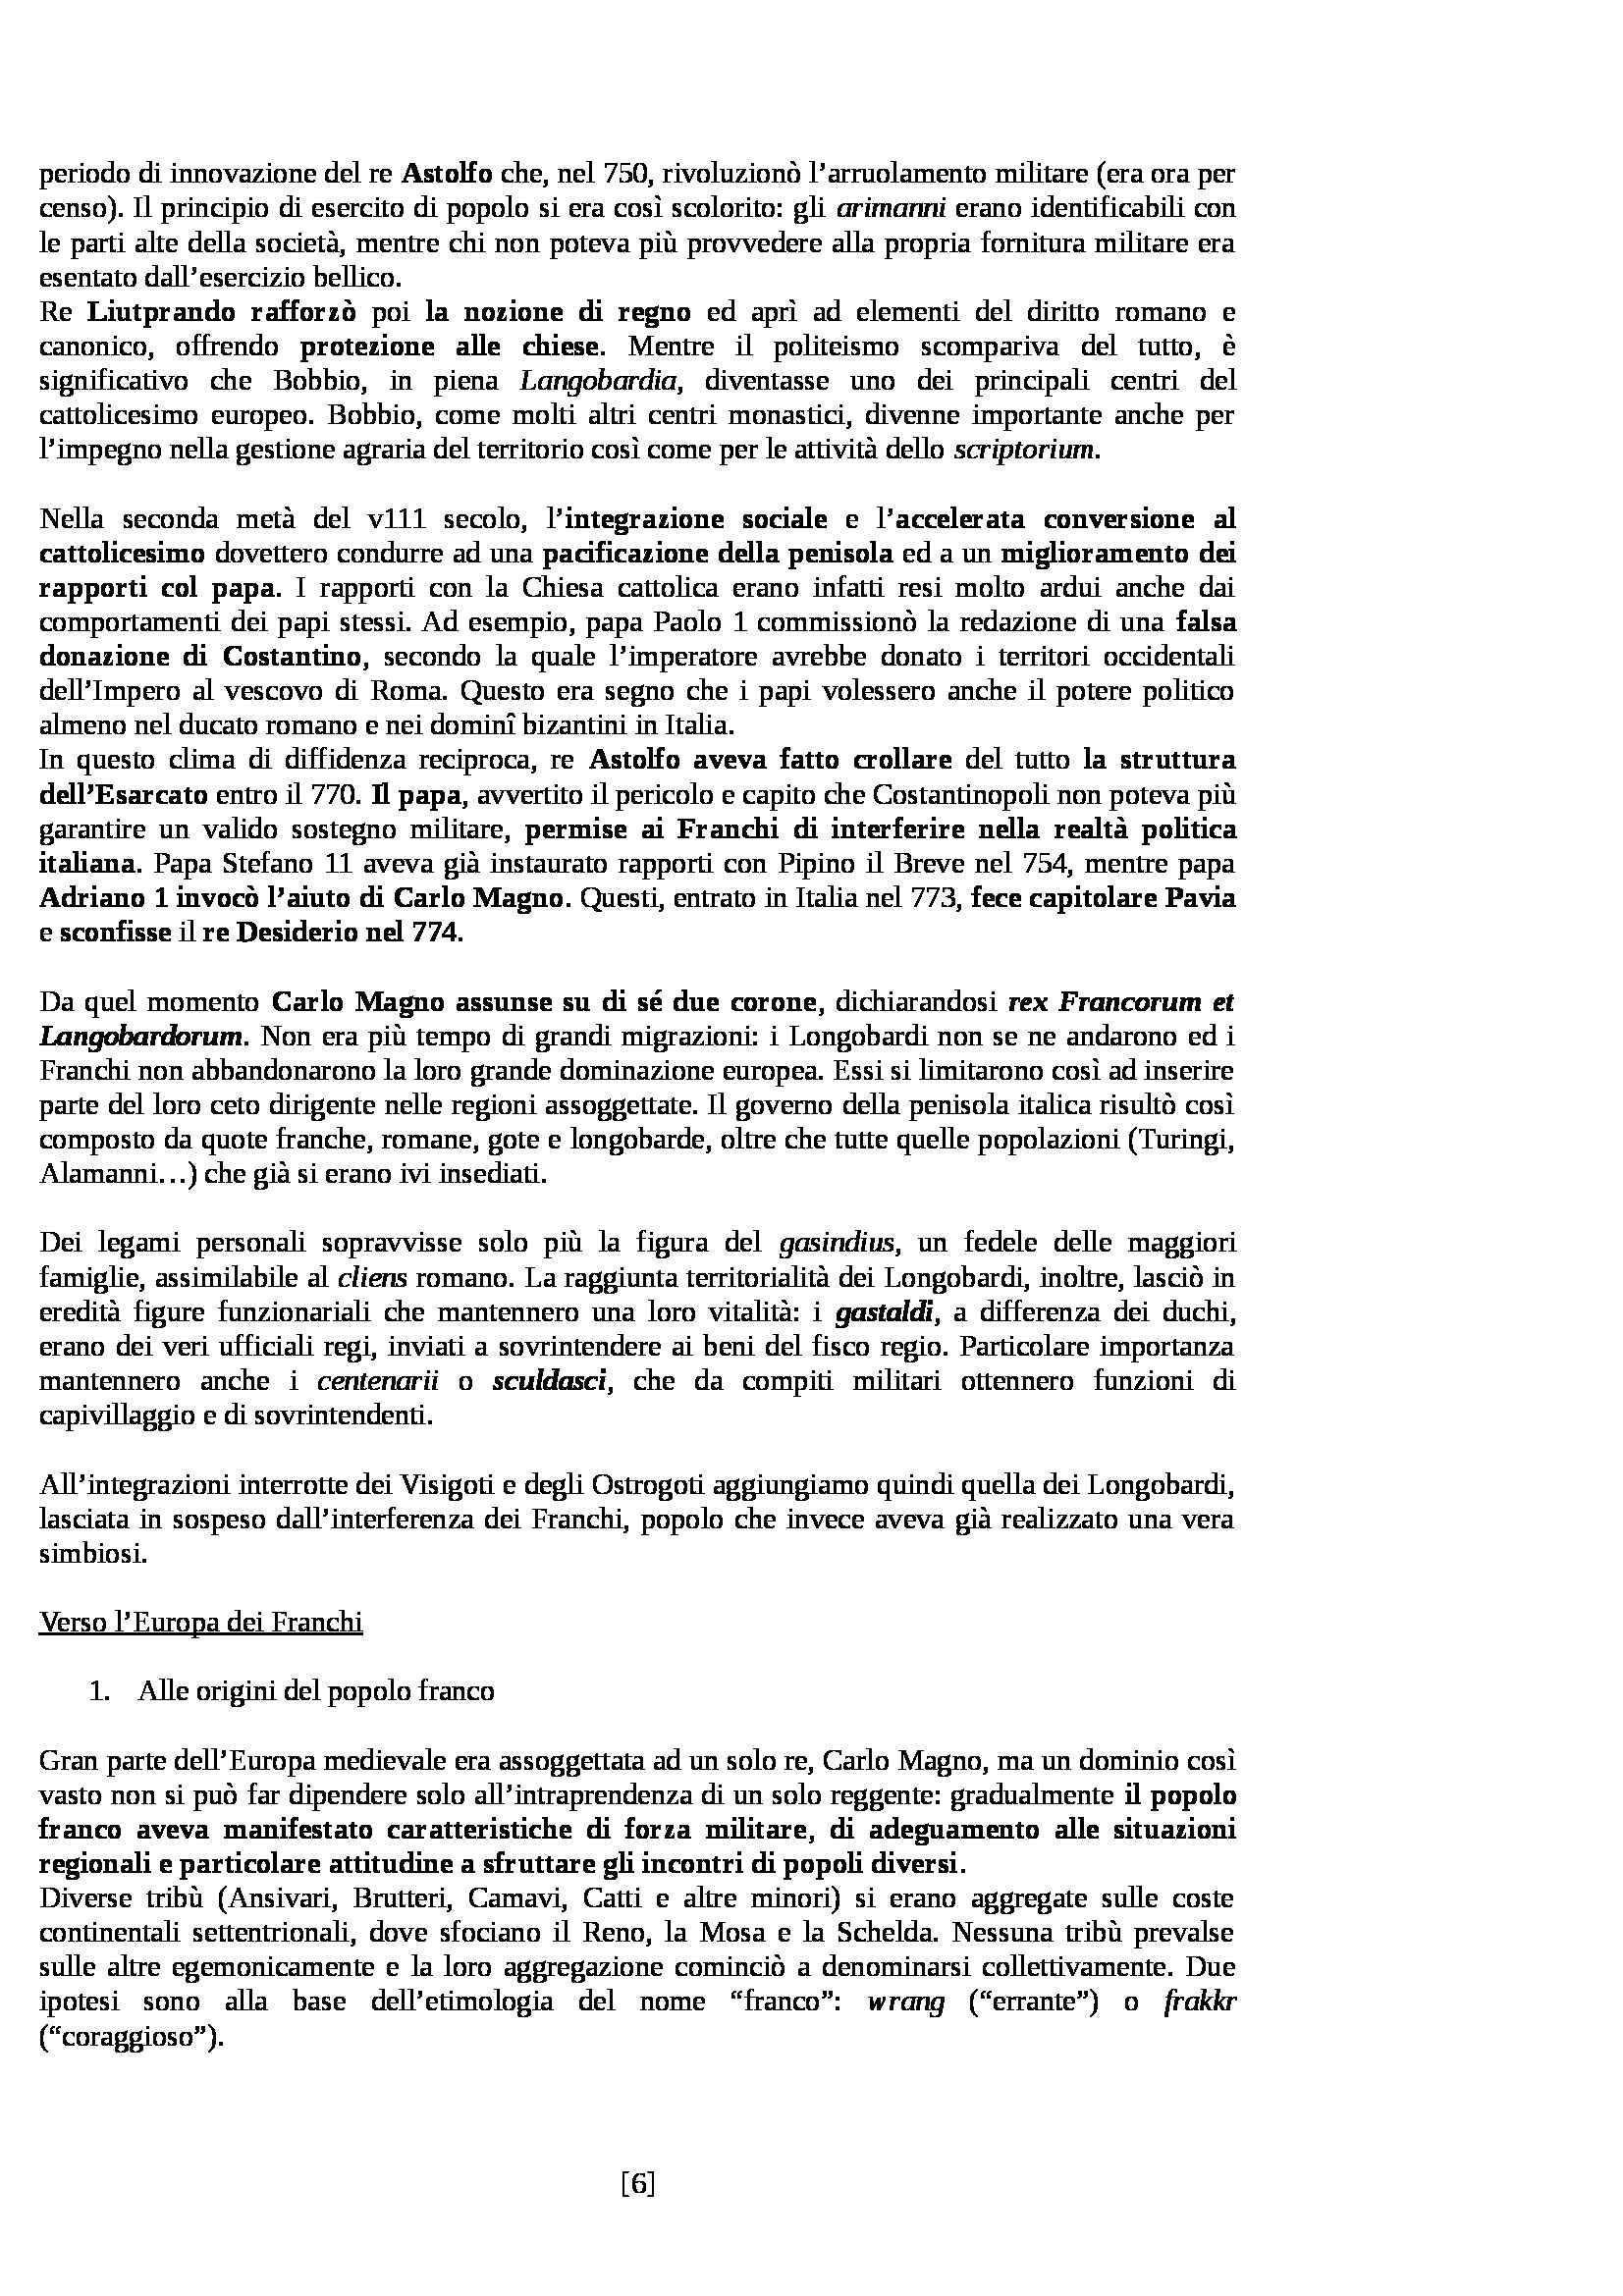 Riassunto esame Storia Medievale, prof. Sergi, libro consigliato Dieci Secoli di Medioevo di Bordone e Sergi Pag. 6